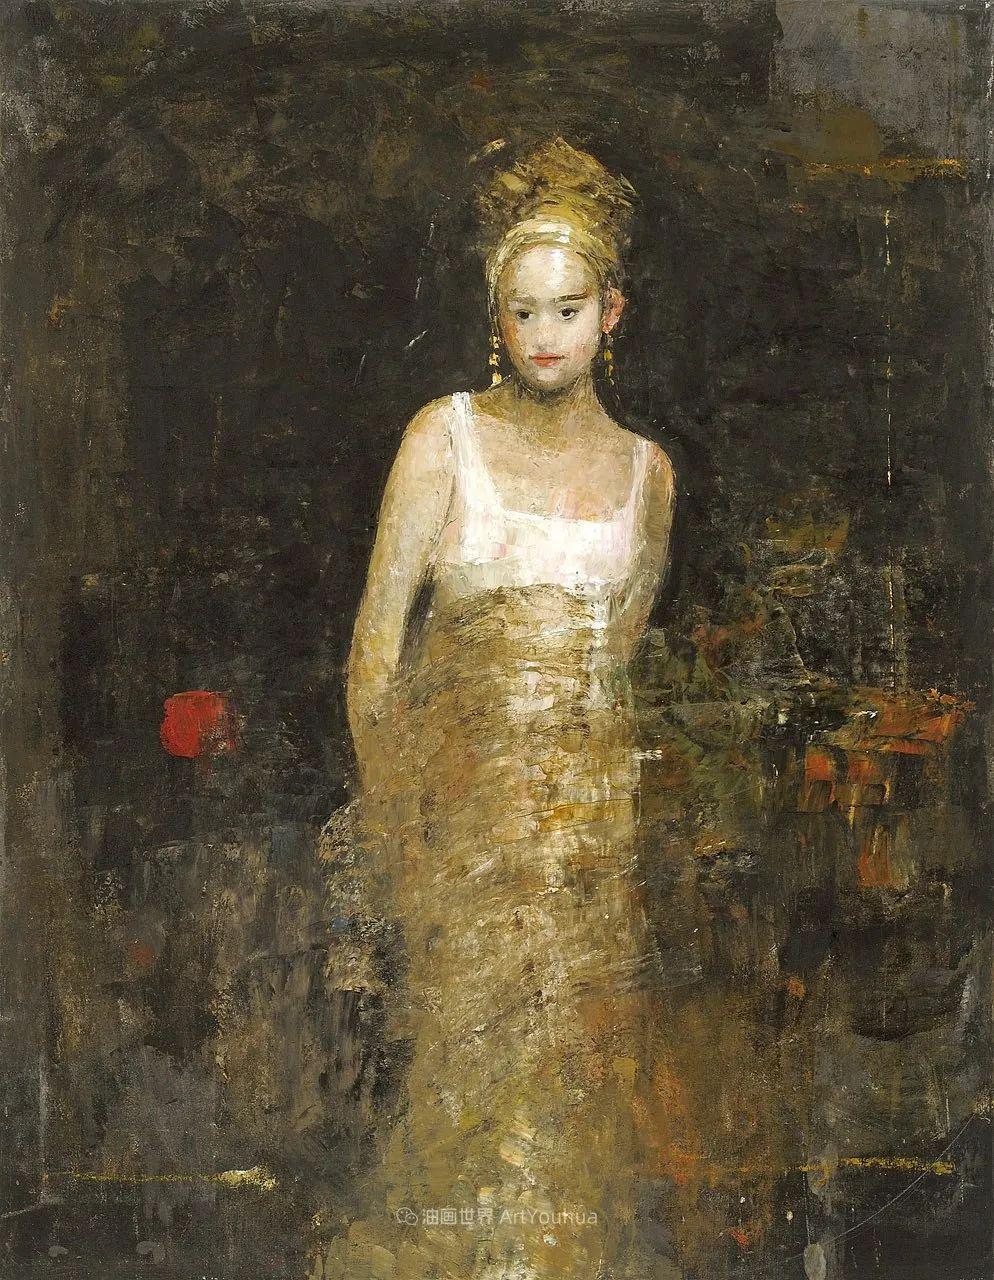 她从古代壁画中汲取灵感,但作品有一种非常现代、神秘的感觉!插图61